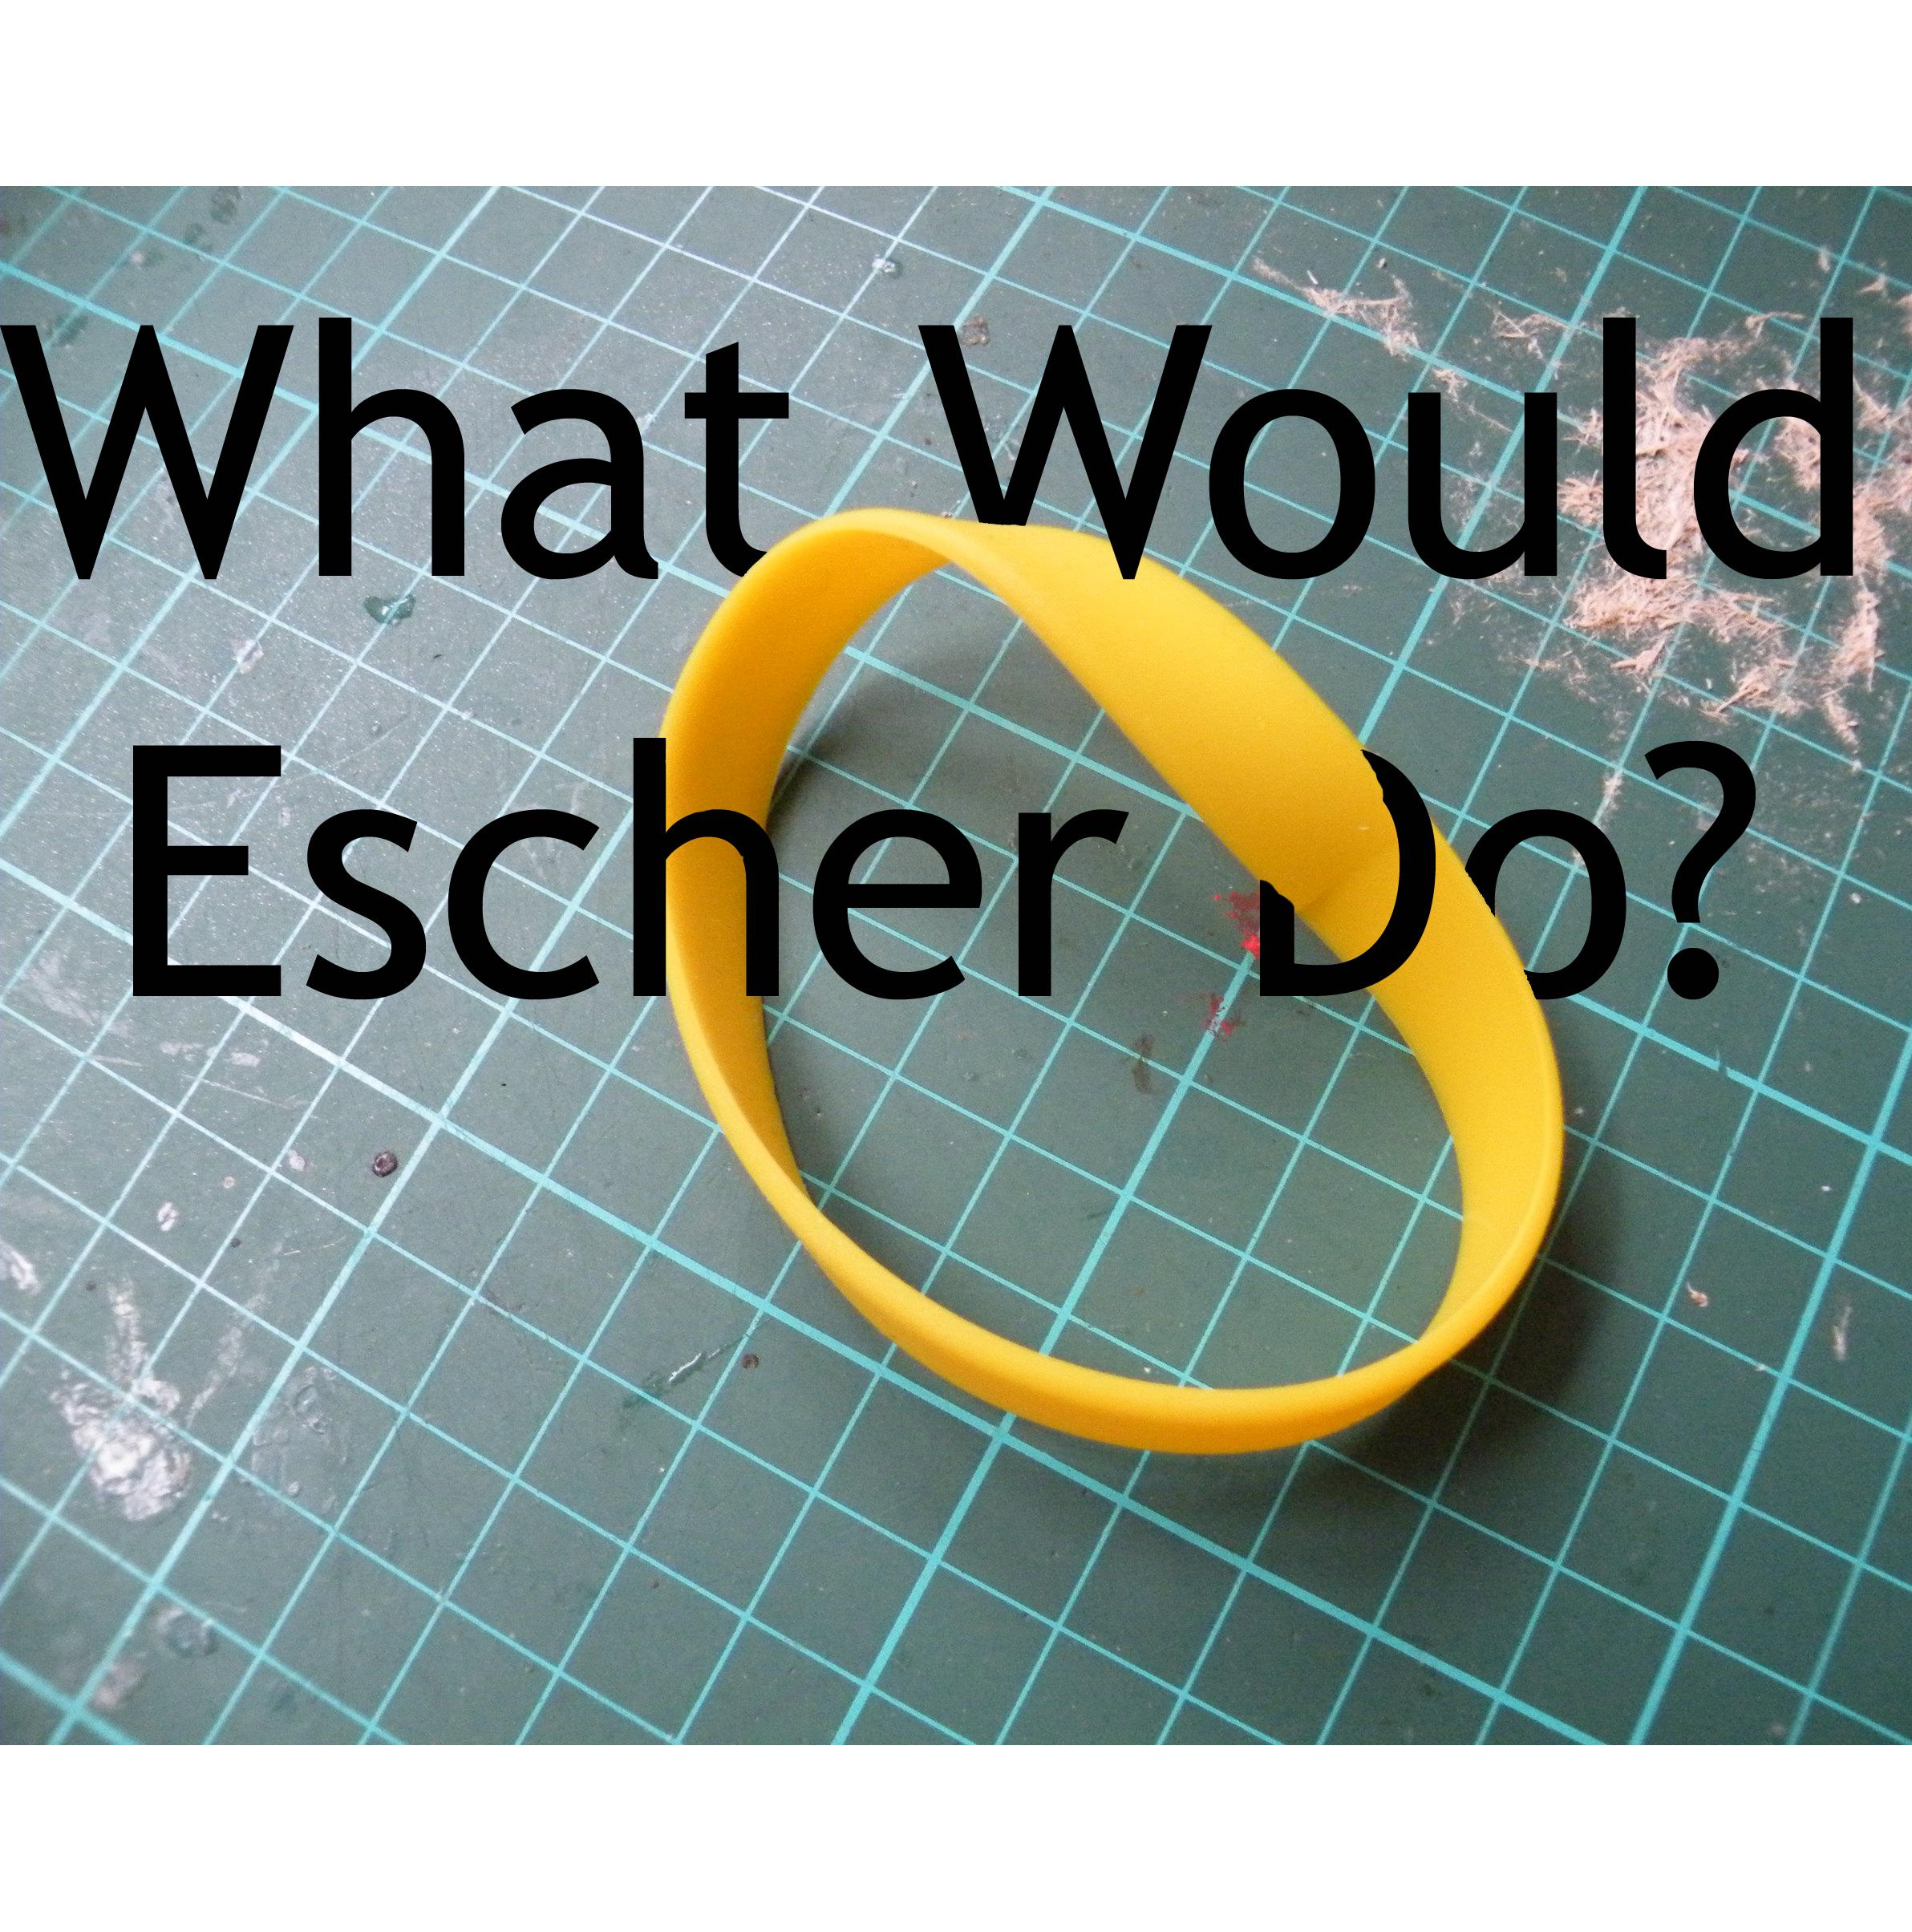 What Would Escher Do?